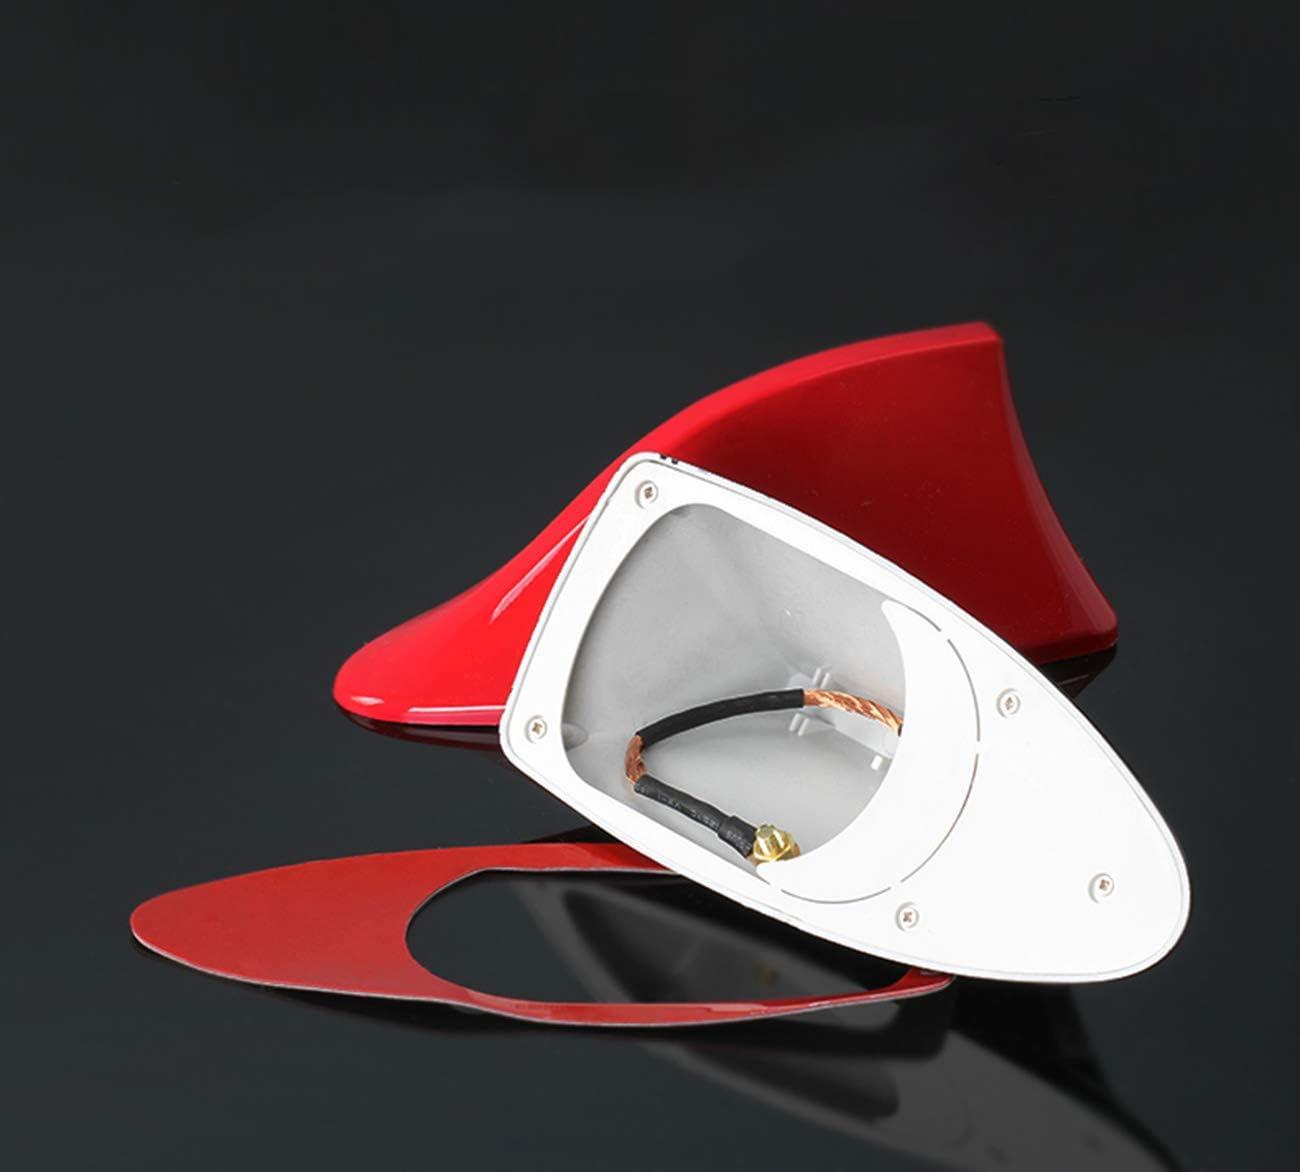 Pinna di squalo Antenna AM FM Auto Segnale Radio Antenna con Adesivo ABS Varnish Vernice Decorazione Nero Auto Antenna